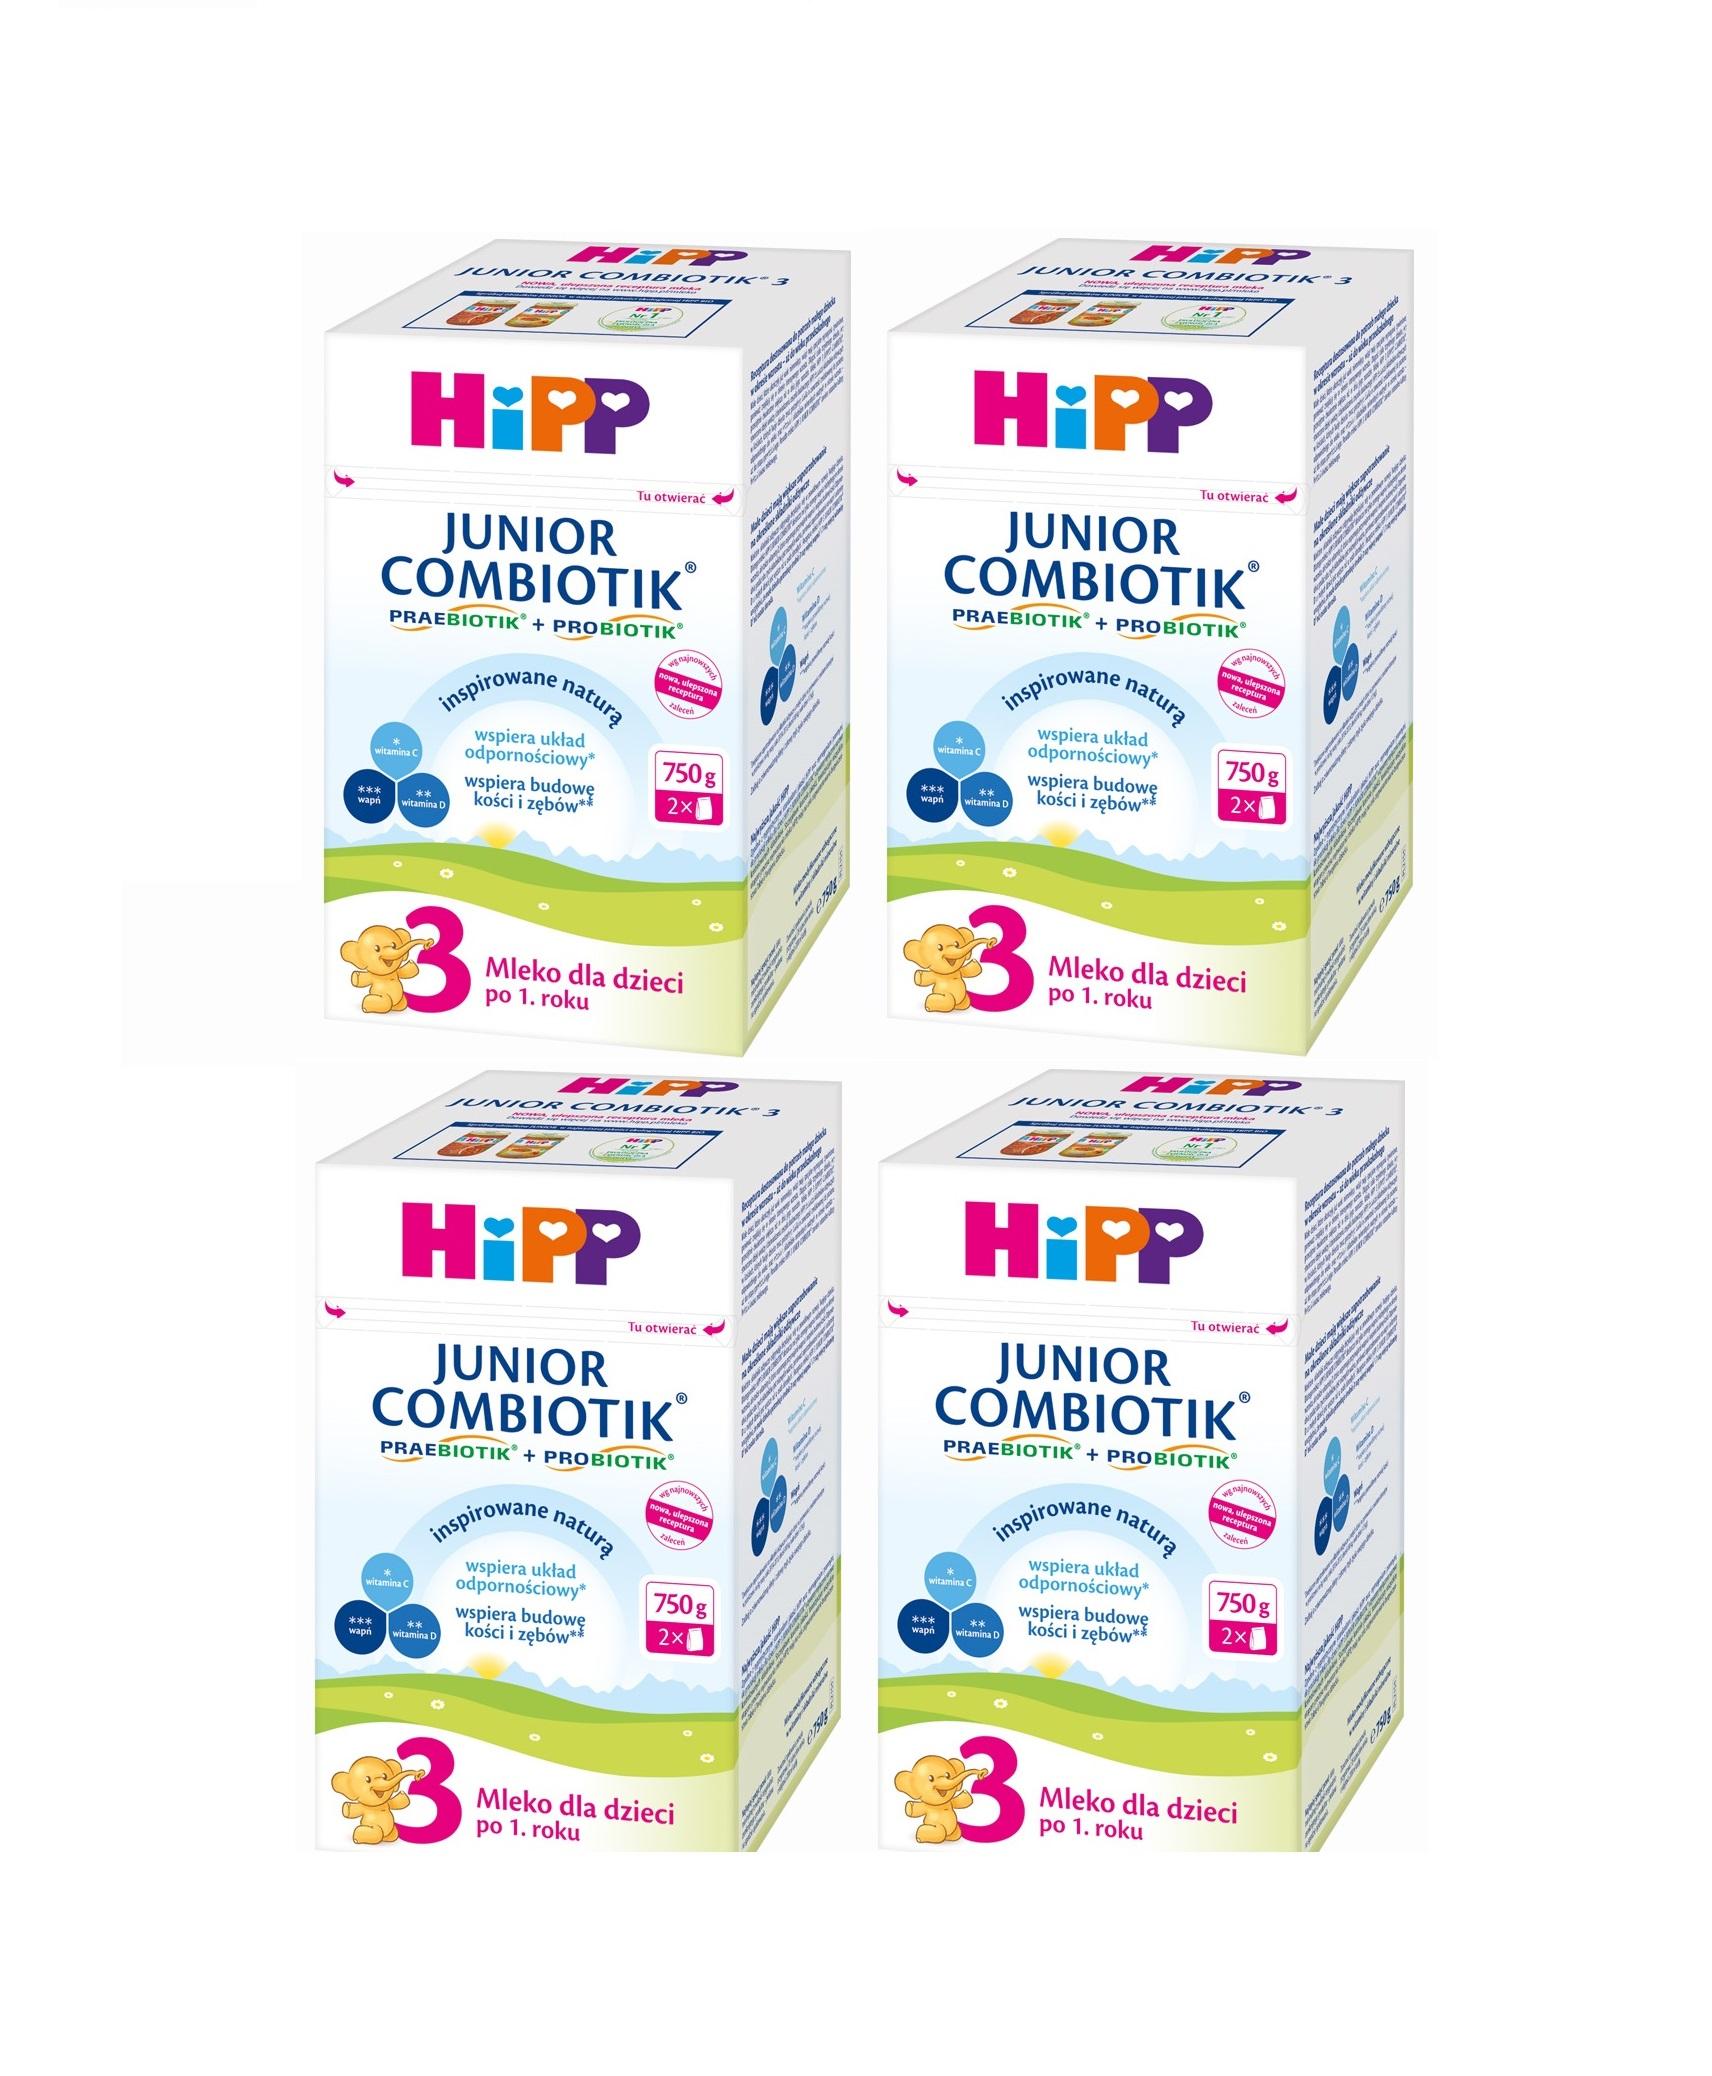 mleko 3 4x_750g hipp bez znaczka